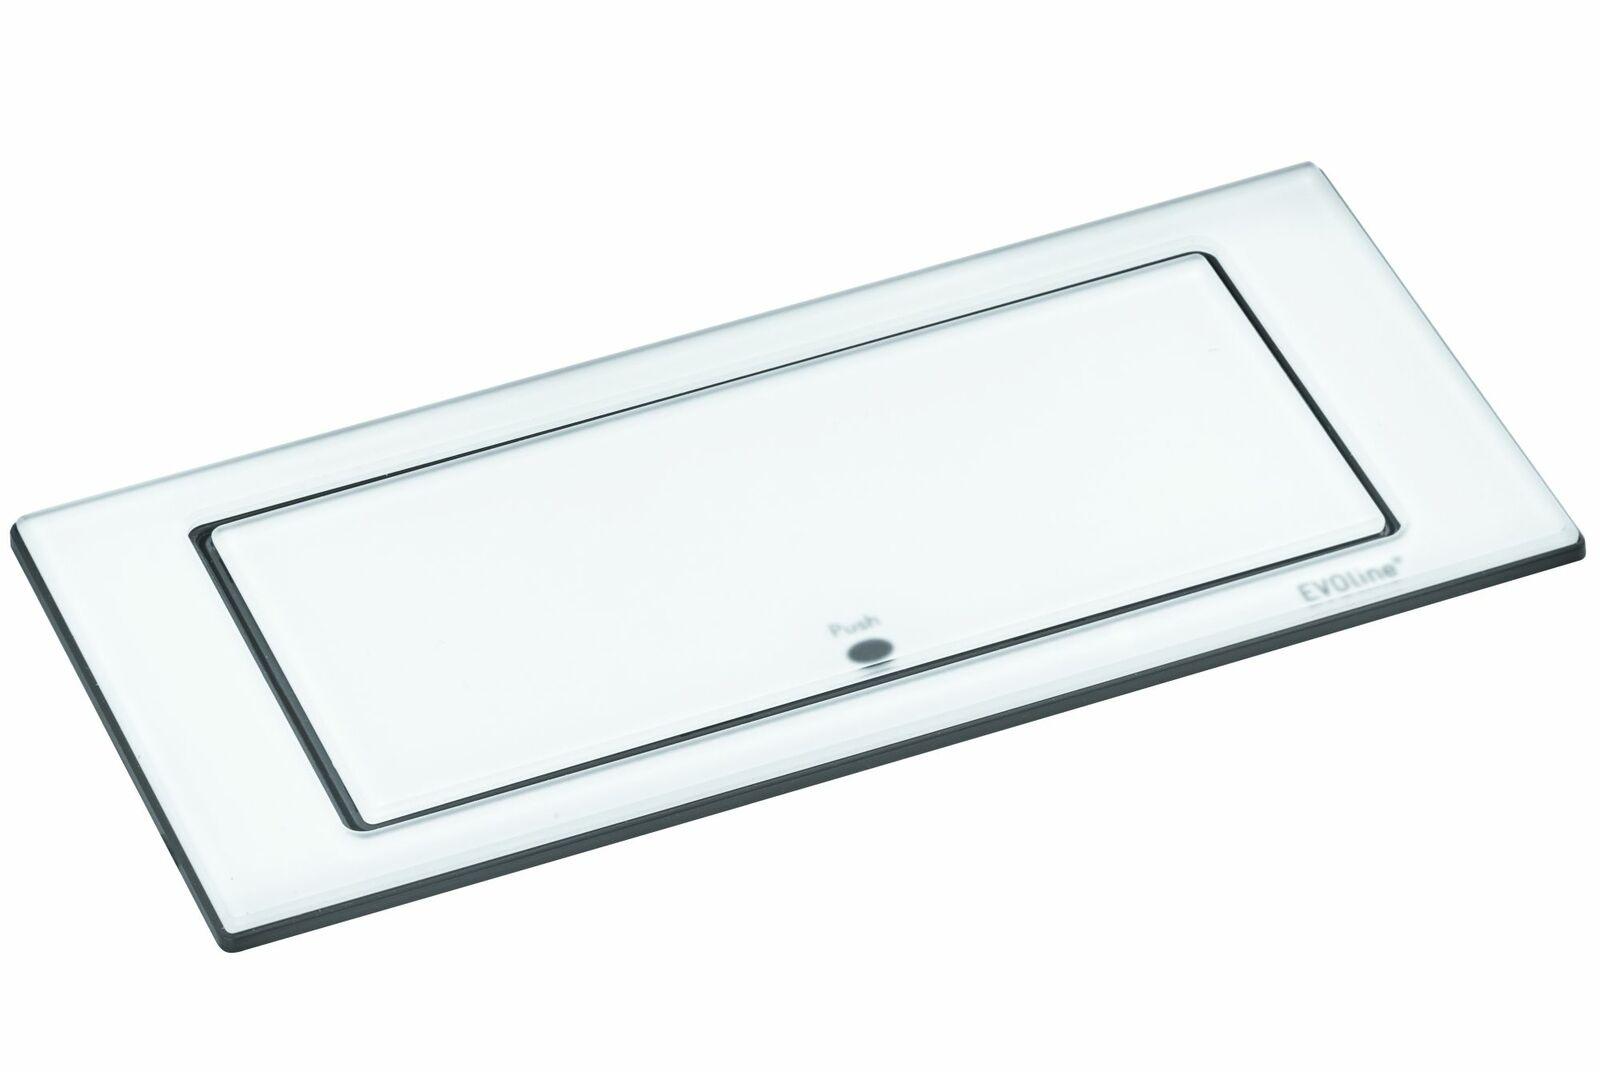 Küchensteckdose Evoline Port 2-fach Einbausteckdose mit USB versenkbar *543090